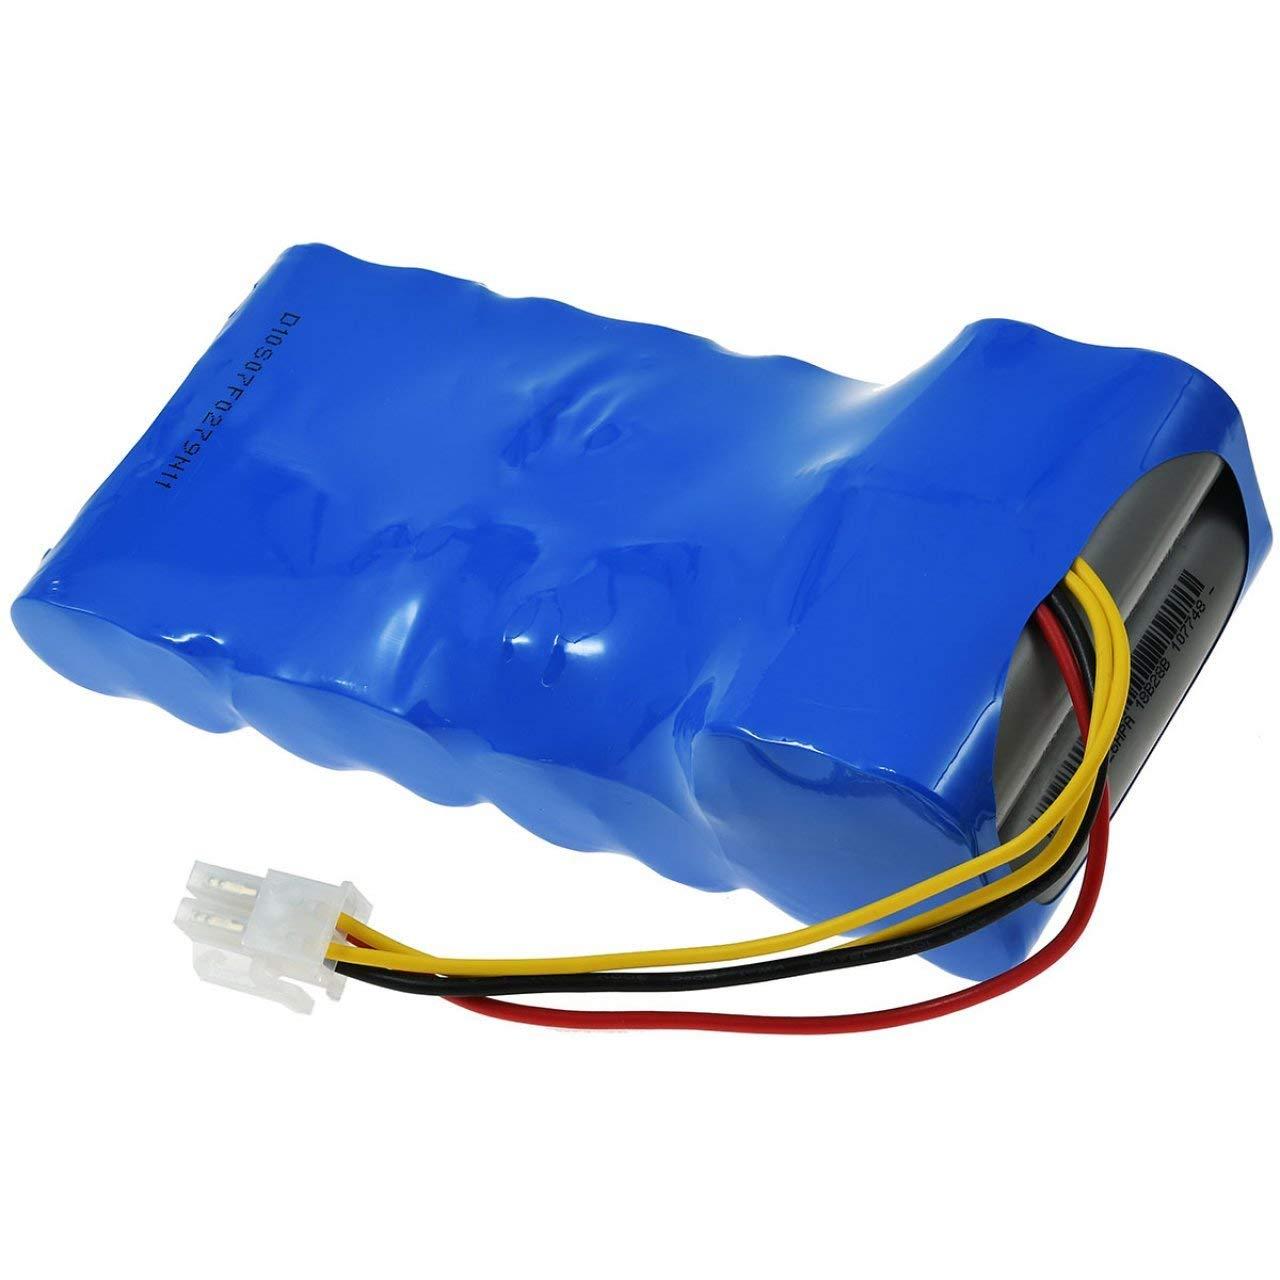 Batería para Robot Cortacésped Husqvarna Modelo 580 68 33-01 ...